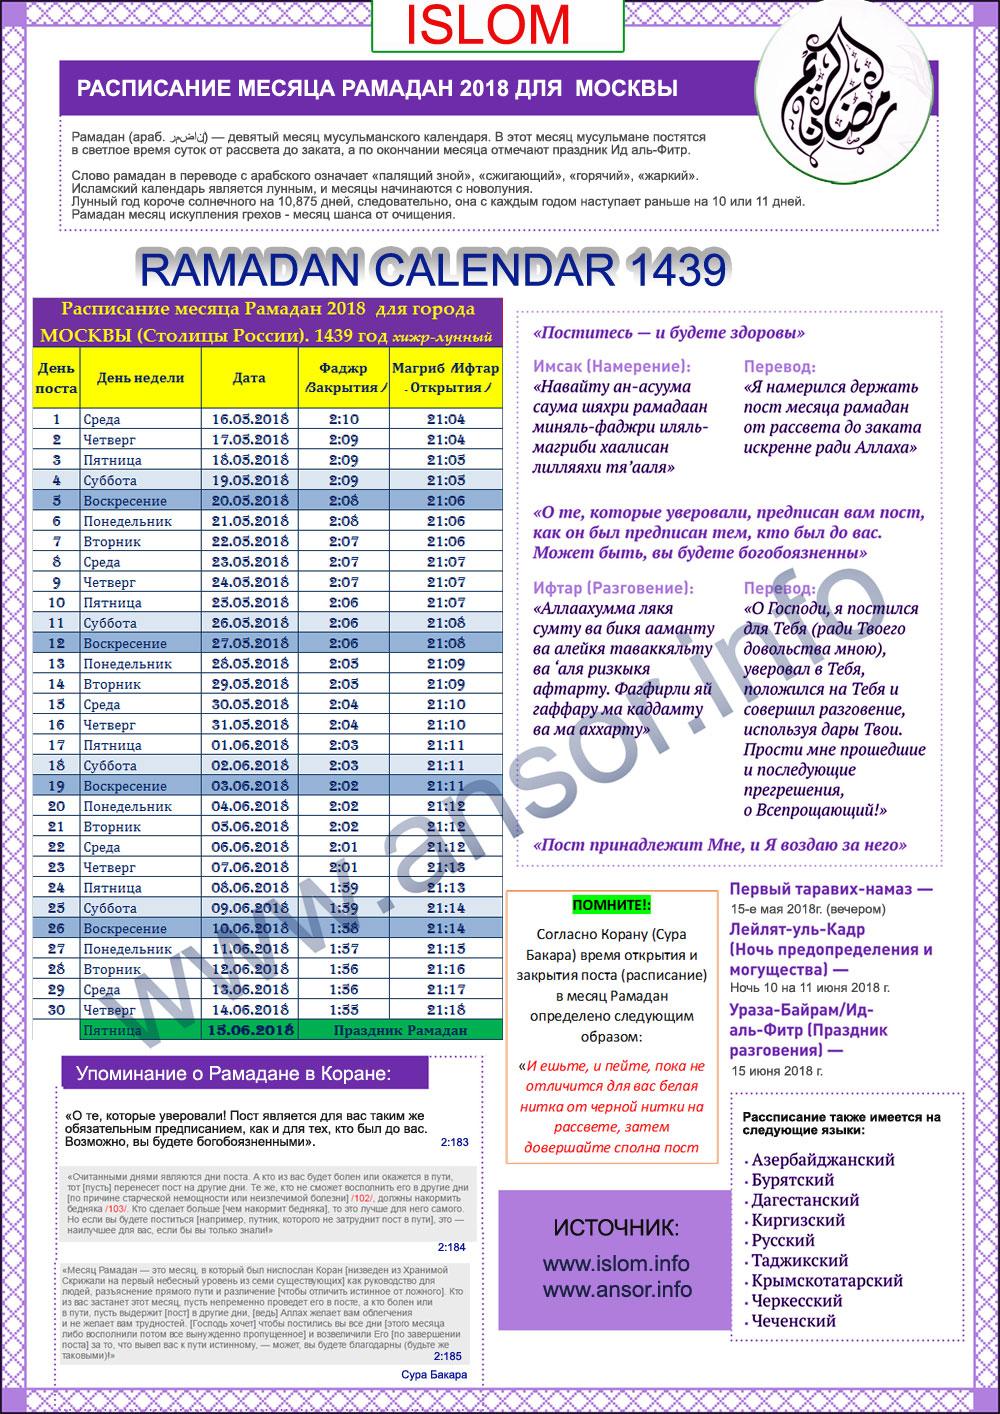 Расписание рамадан в Москве 2018